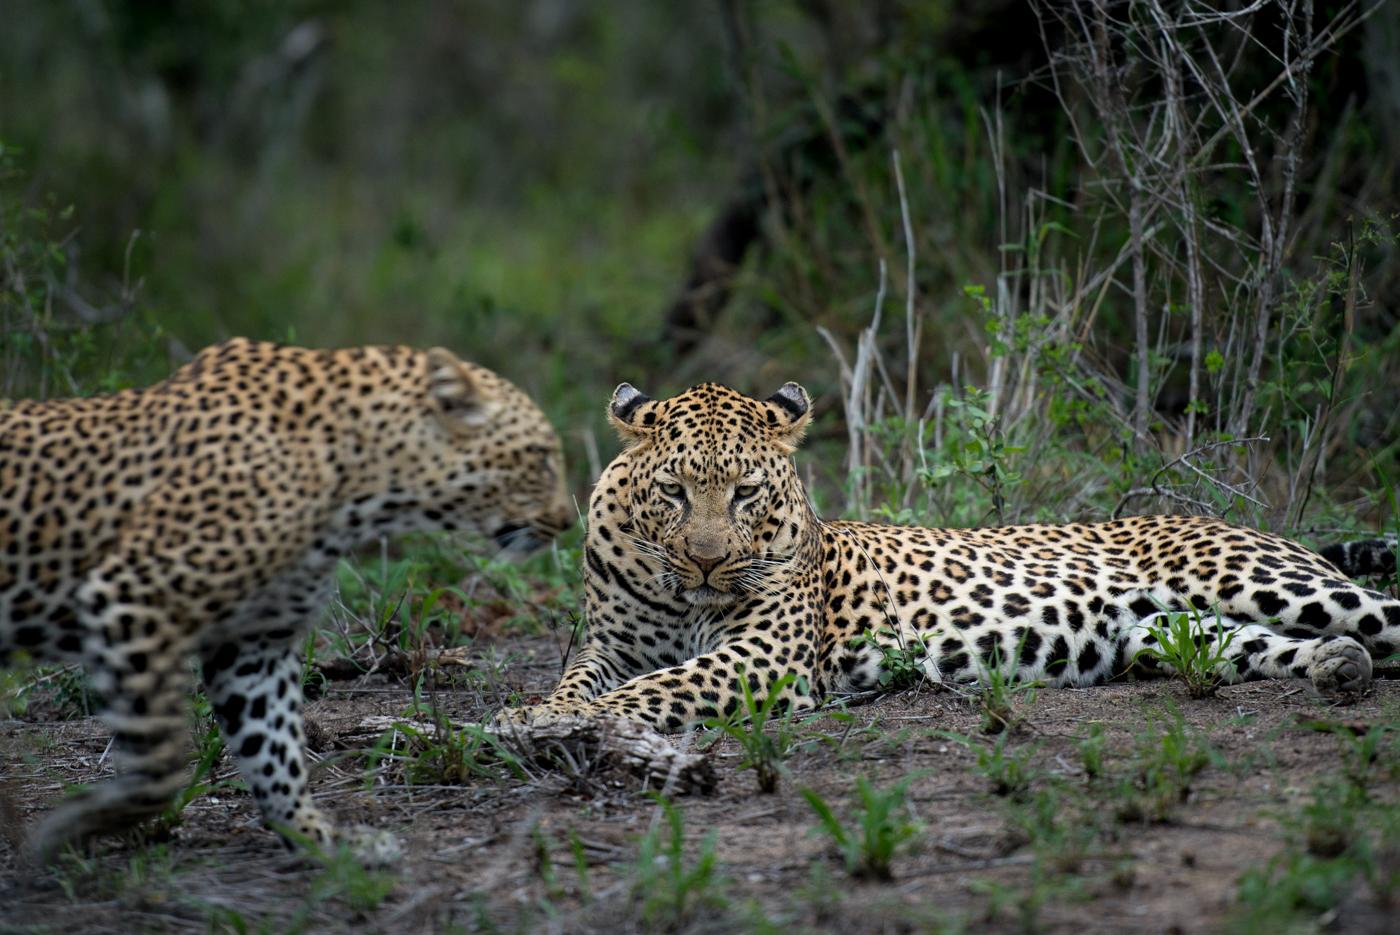 motion blur, inyathini and ndzanzeni, SC